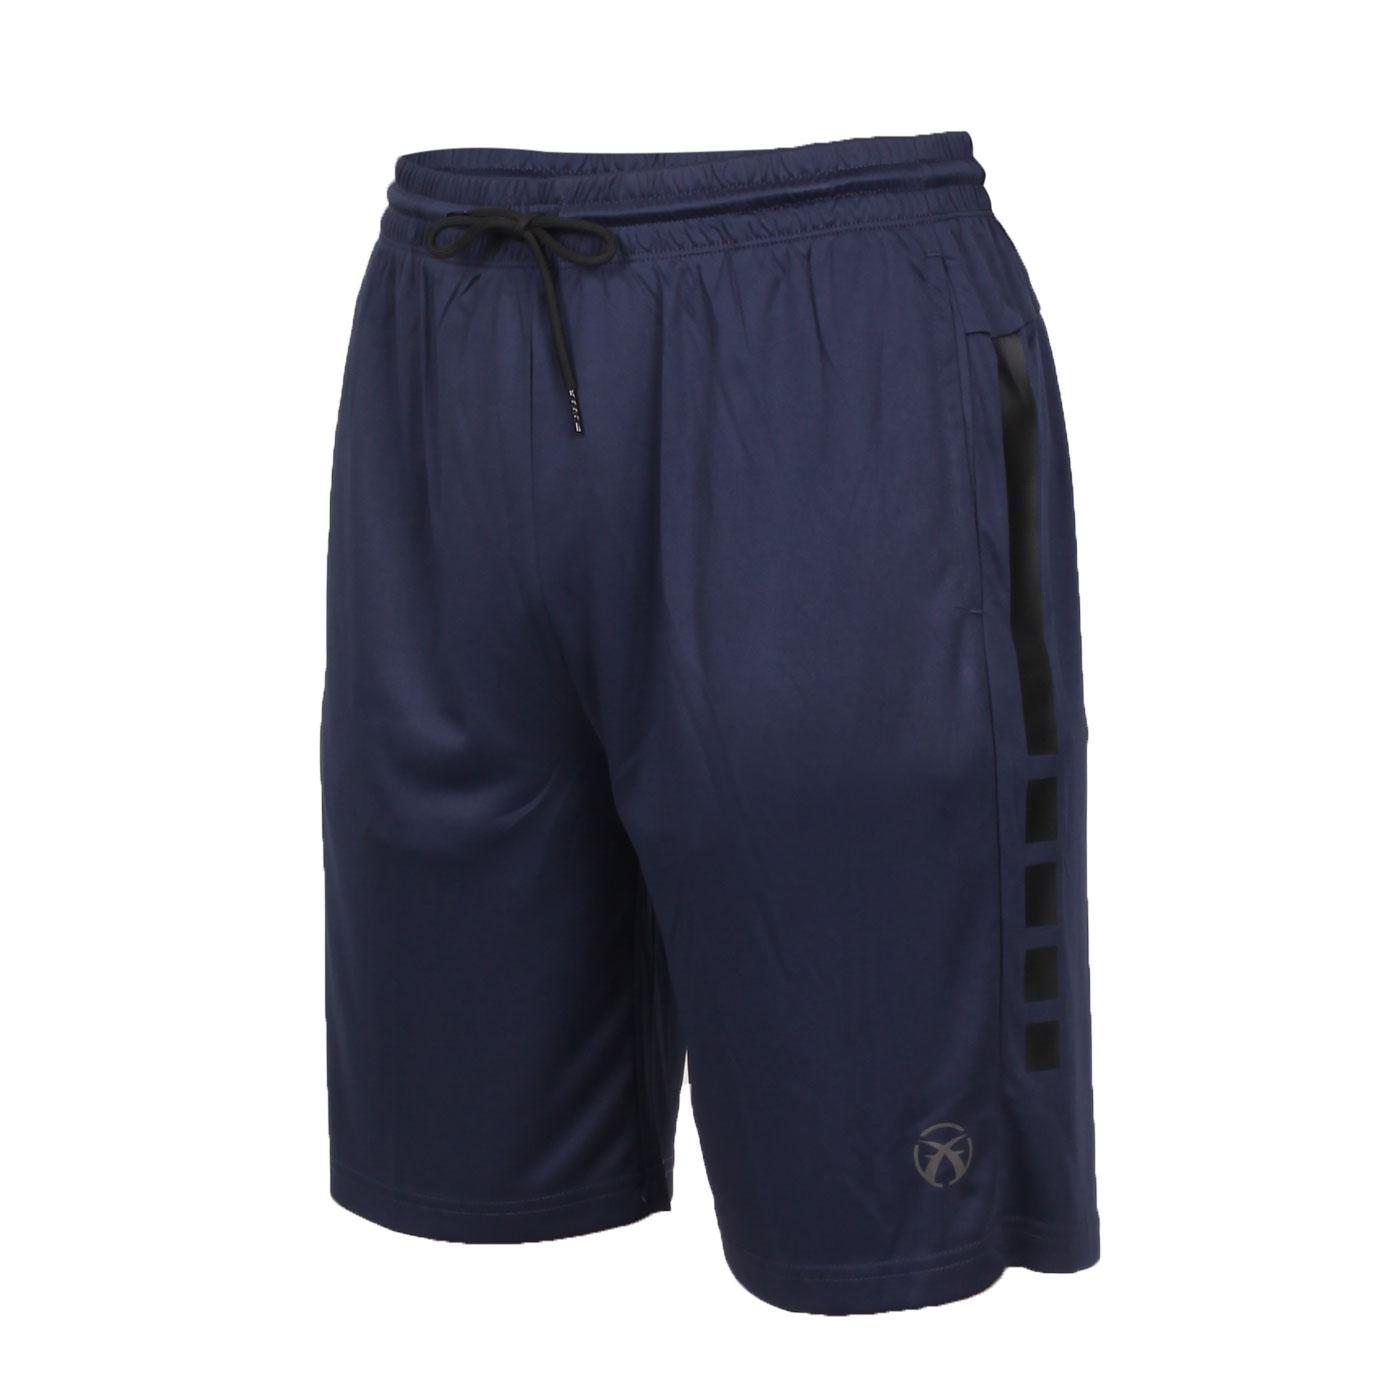 FIRESTAR 男款吸排訓練籃球褲 B0501-10 - 丈青黑銀